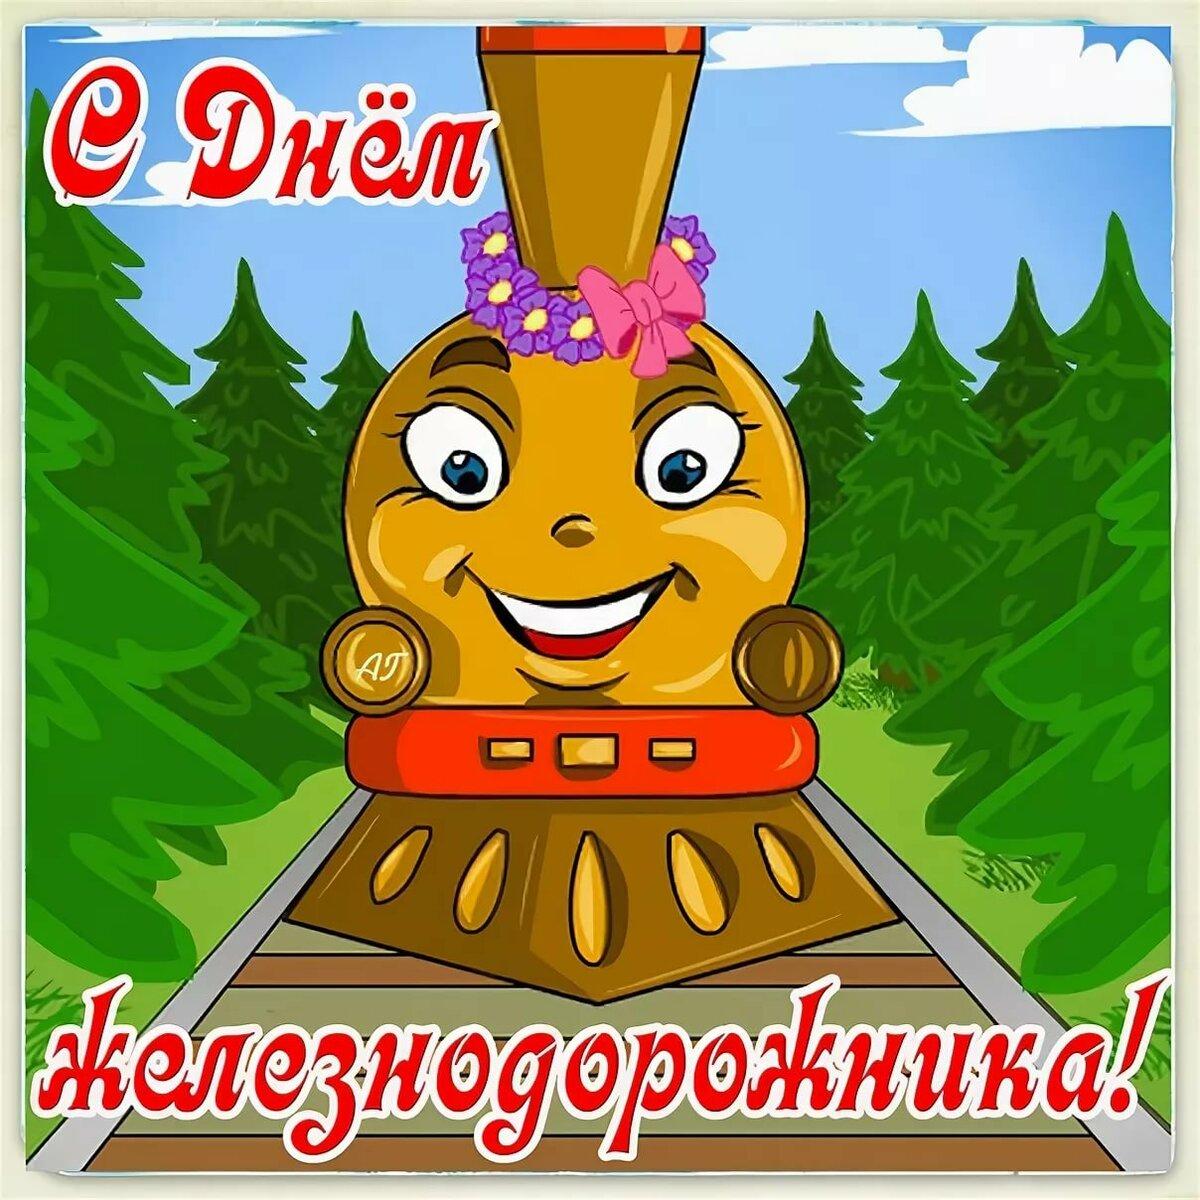 Открытка, с днем железнодорожника картинки прикольные для поднятия настроения